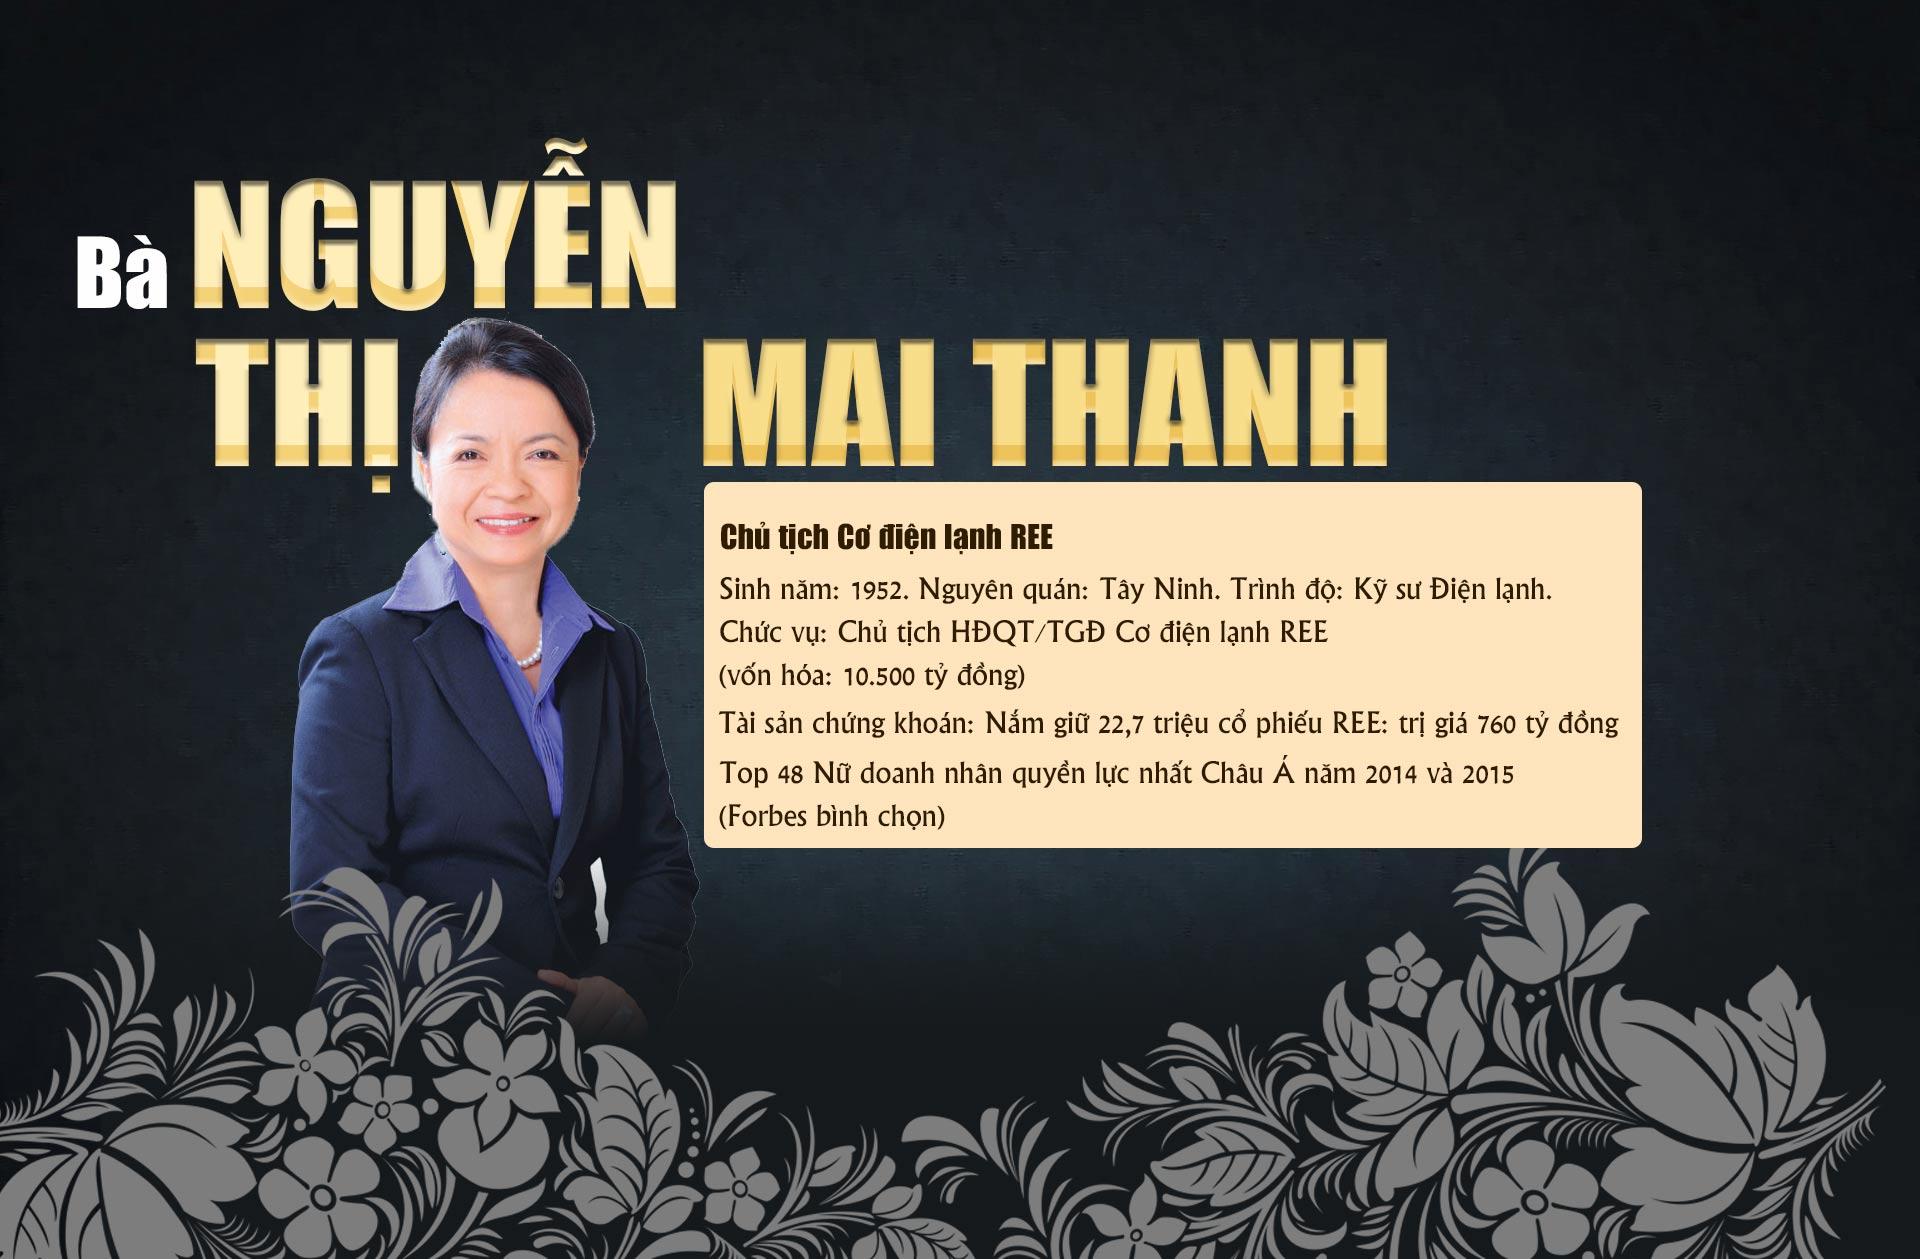 10 phụ nữ Việt gây choáng bởi sự giàu có, giỏi giang và quyền lực - 5